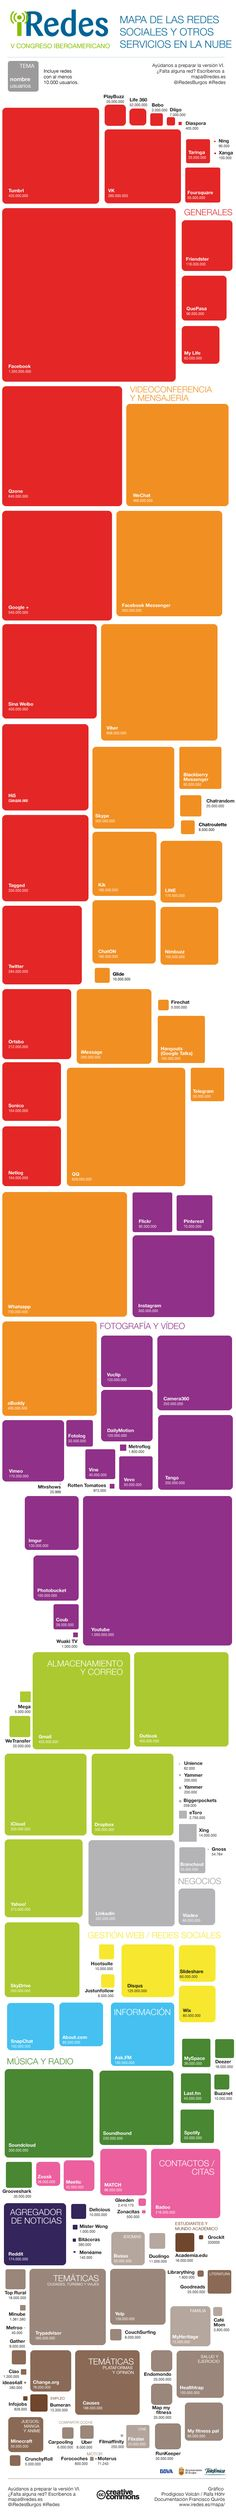 Mapa de redes sociales y otros servicios en la nube. Versión V de 2015 vía iRedes